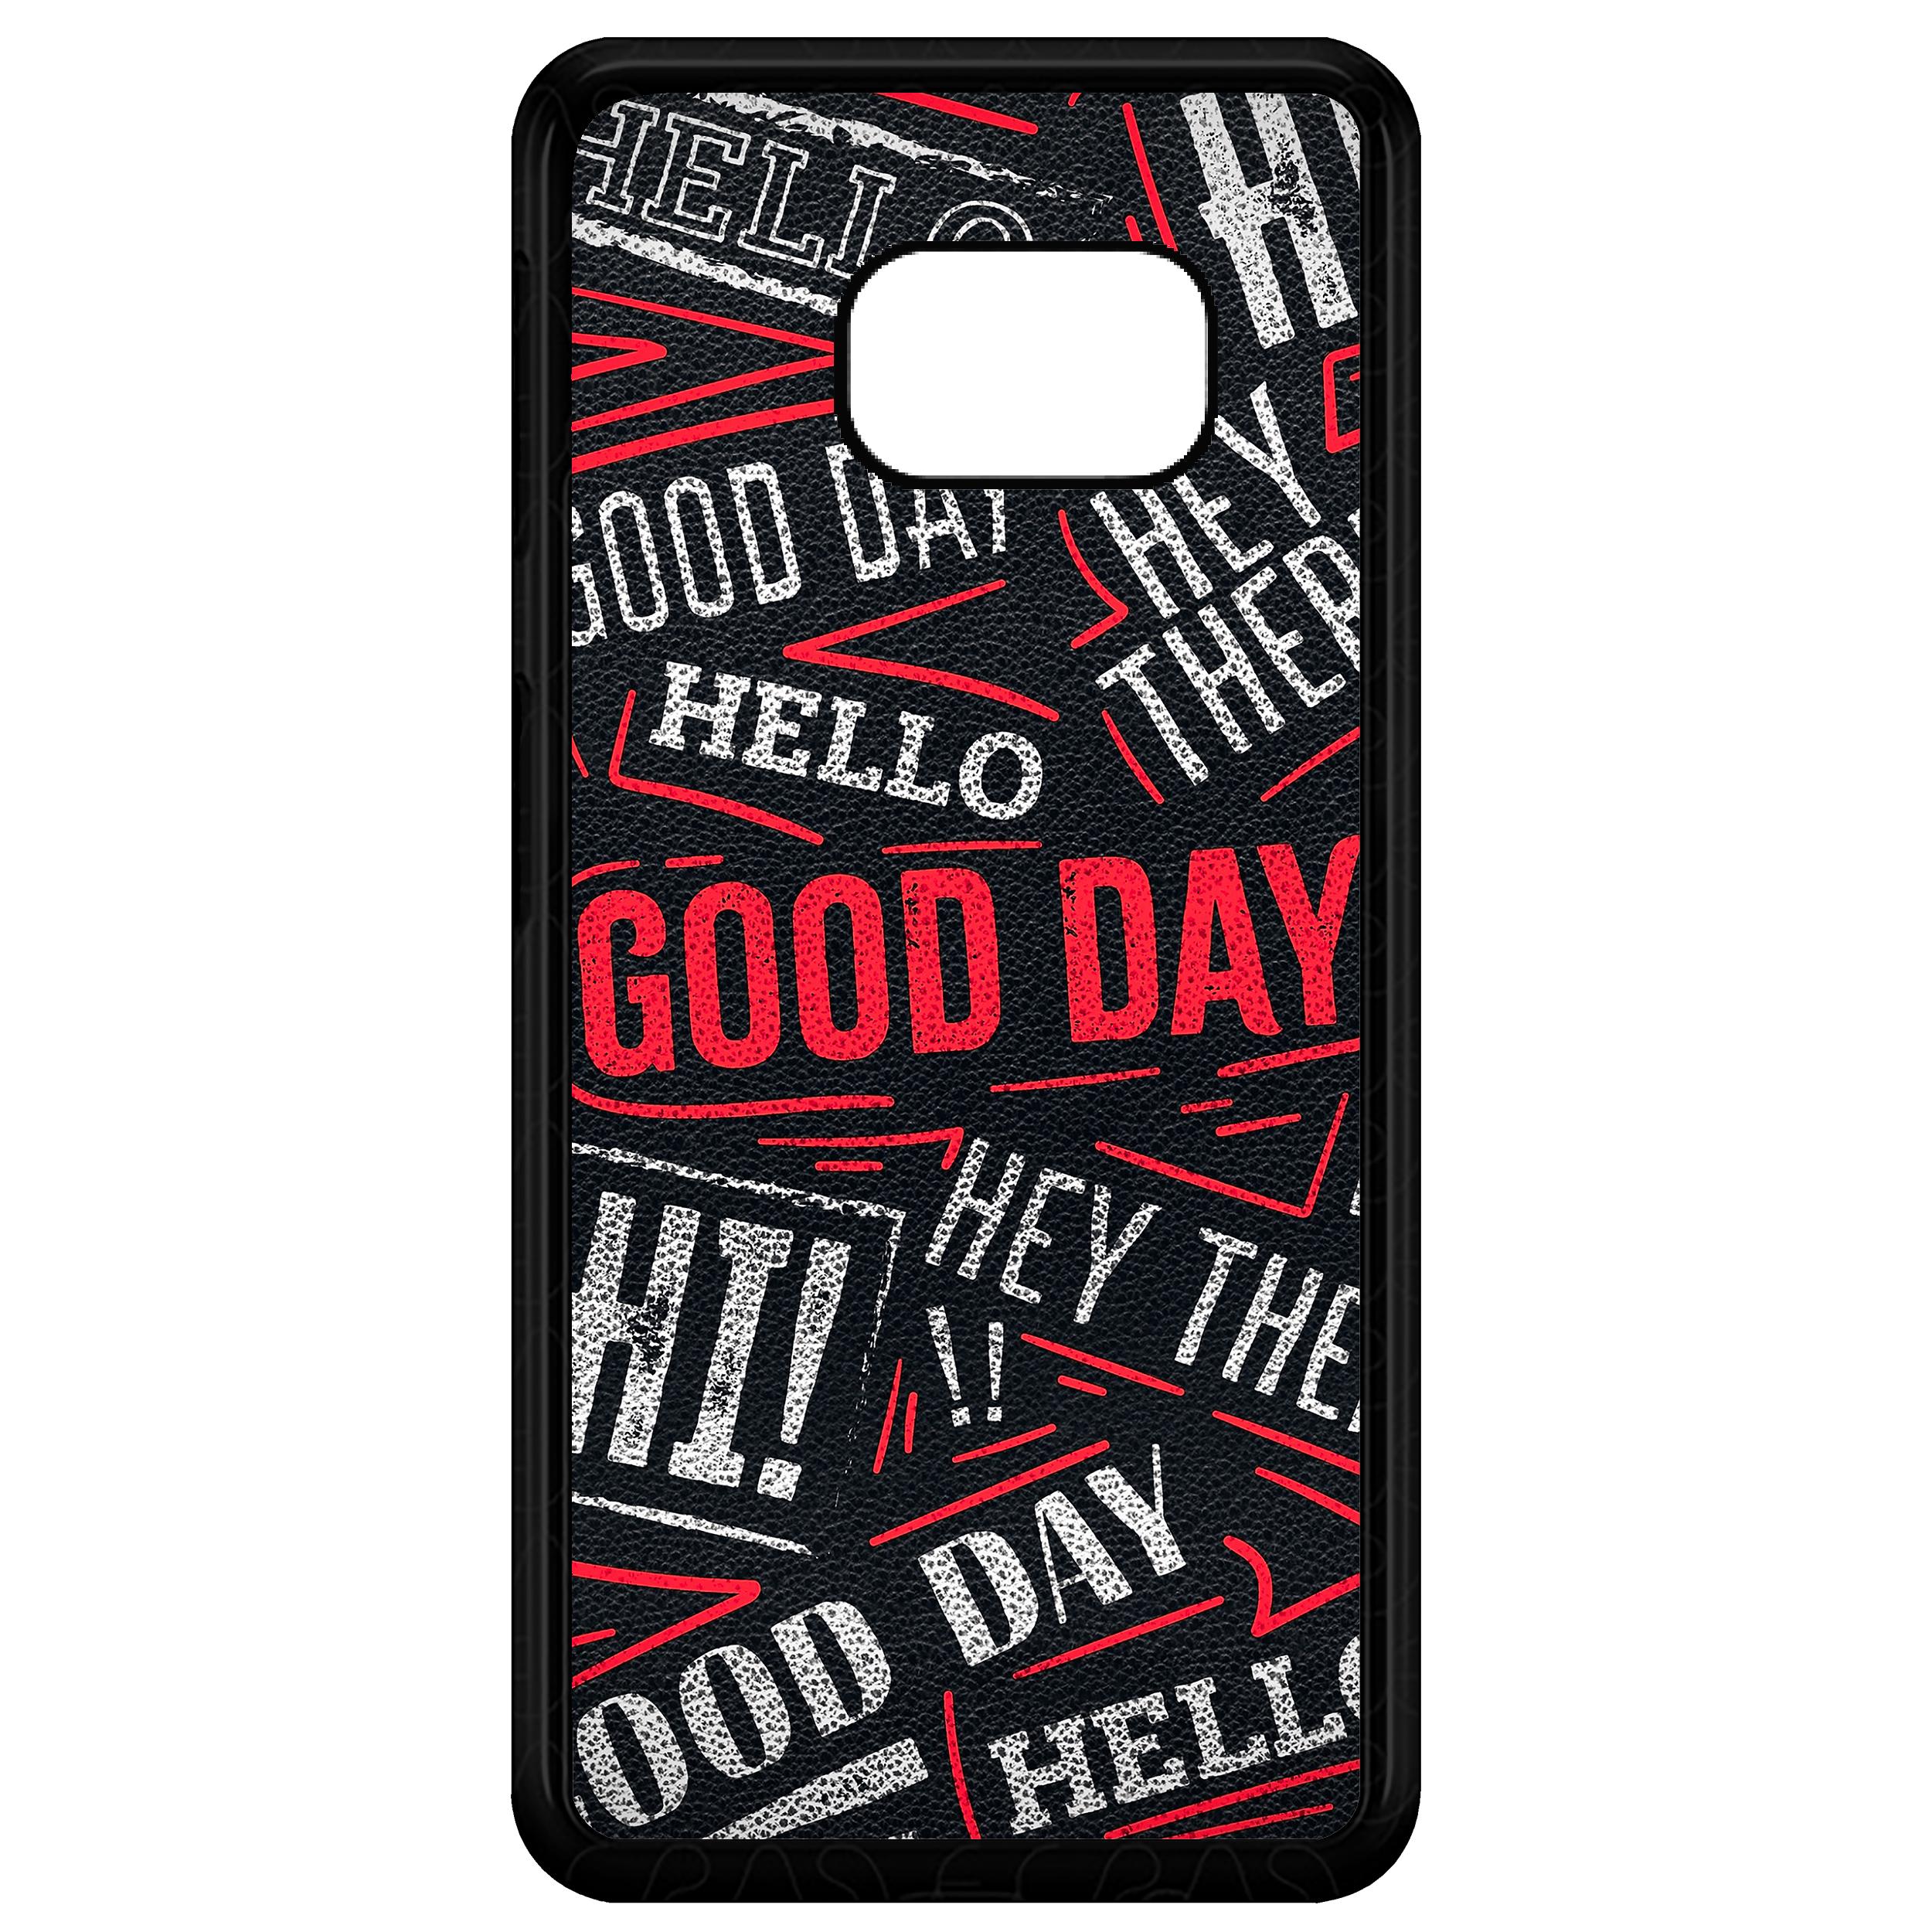 کاور طرح Text مدل CHL50279 مناسب برای گوشی موبایل سامسونگ Galaxy S7 thumb 2 1